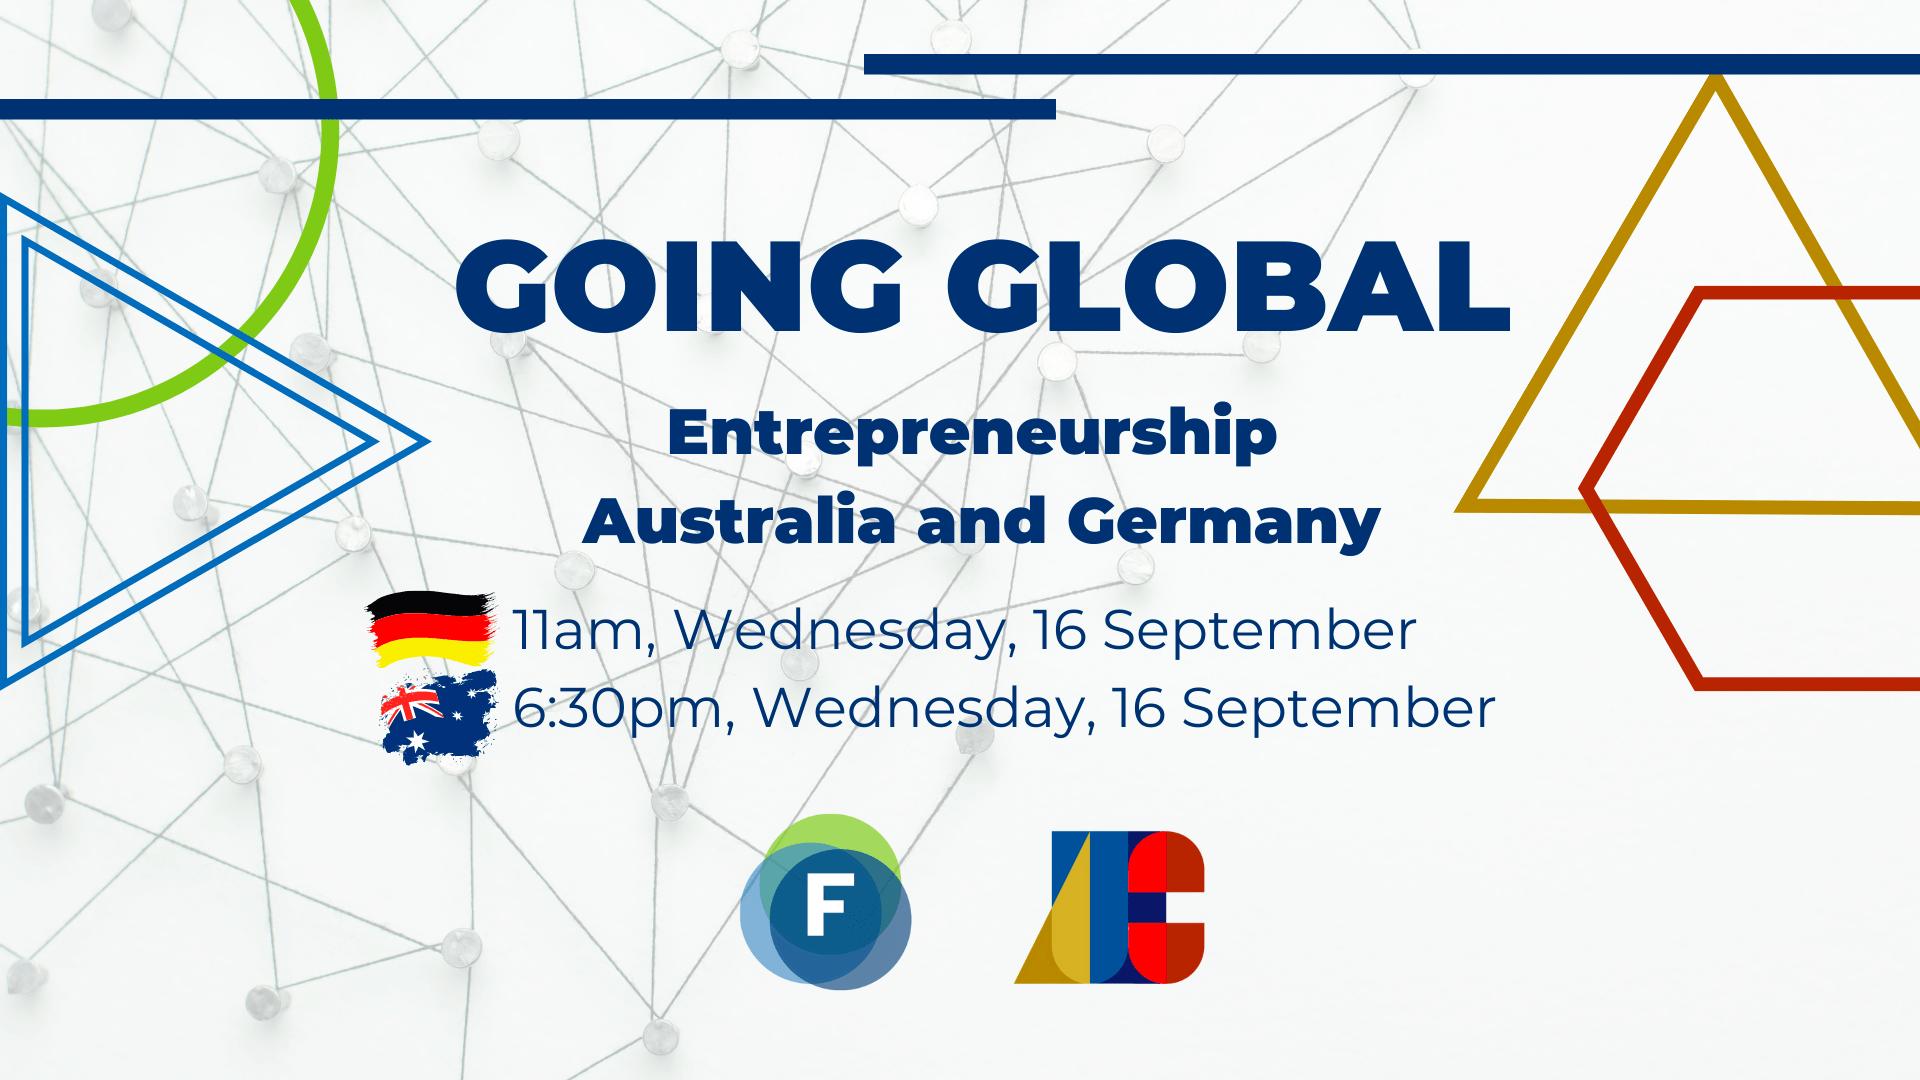 digitale Konferenz zum Entrepreneurship Austausch zwischen Australien und Deutschland genauer zwischen Freiburg und Adelaide